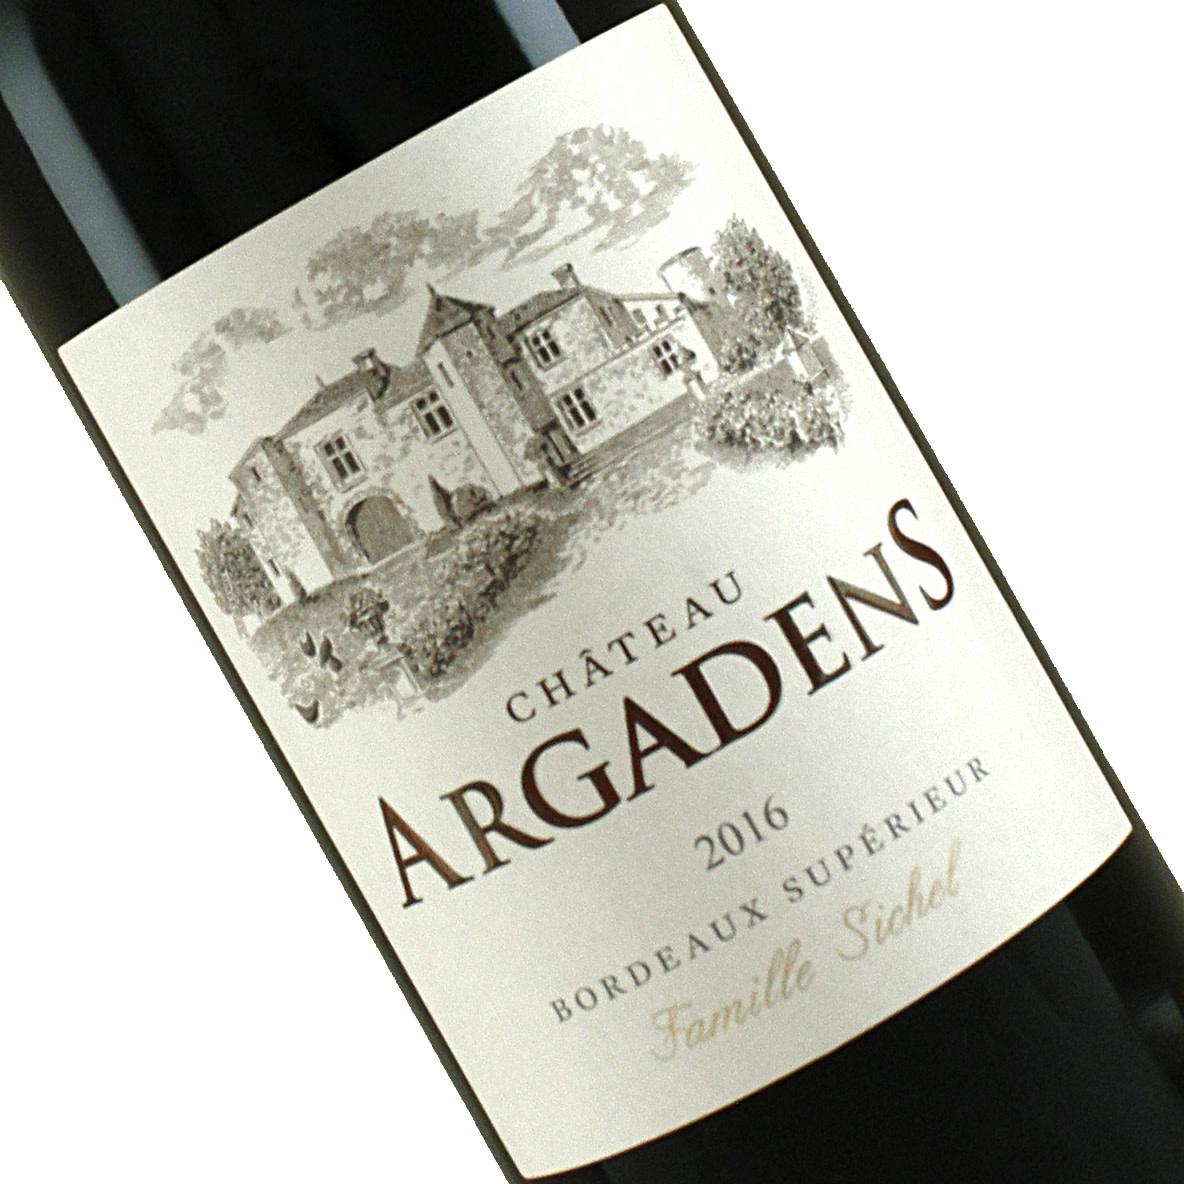 Chateau Argadens 2016/17 Bordeaux Superieur Rouge, Bordeaux